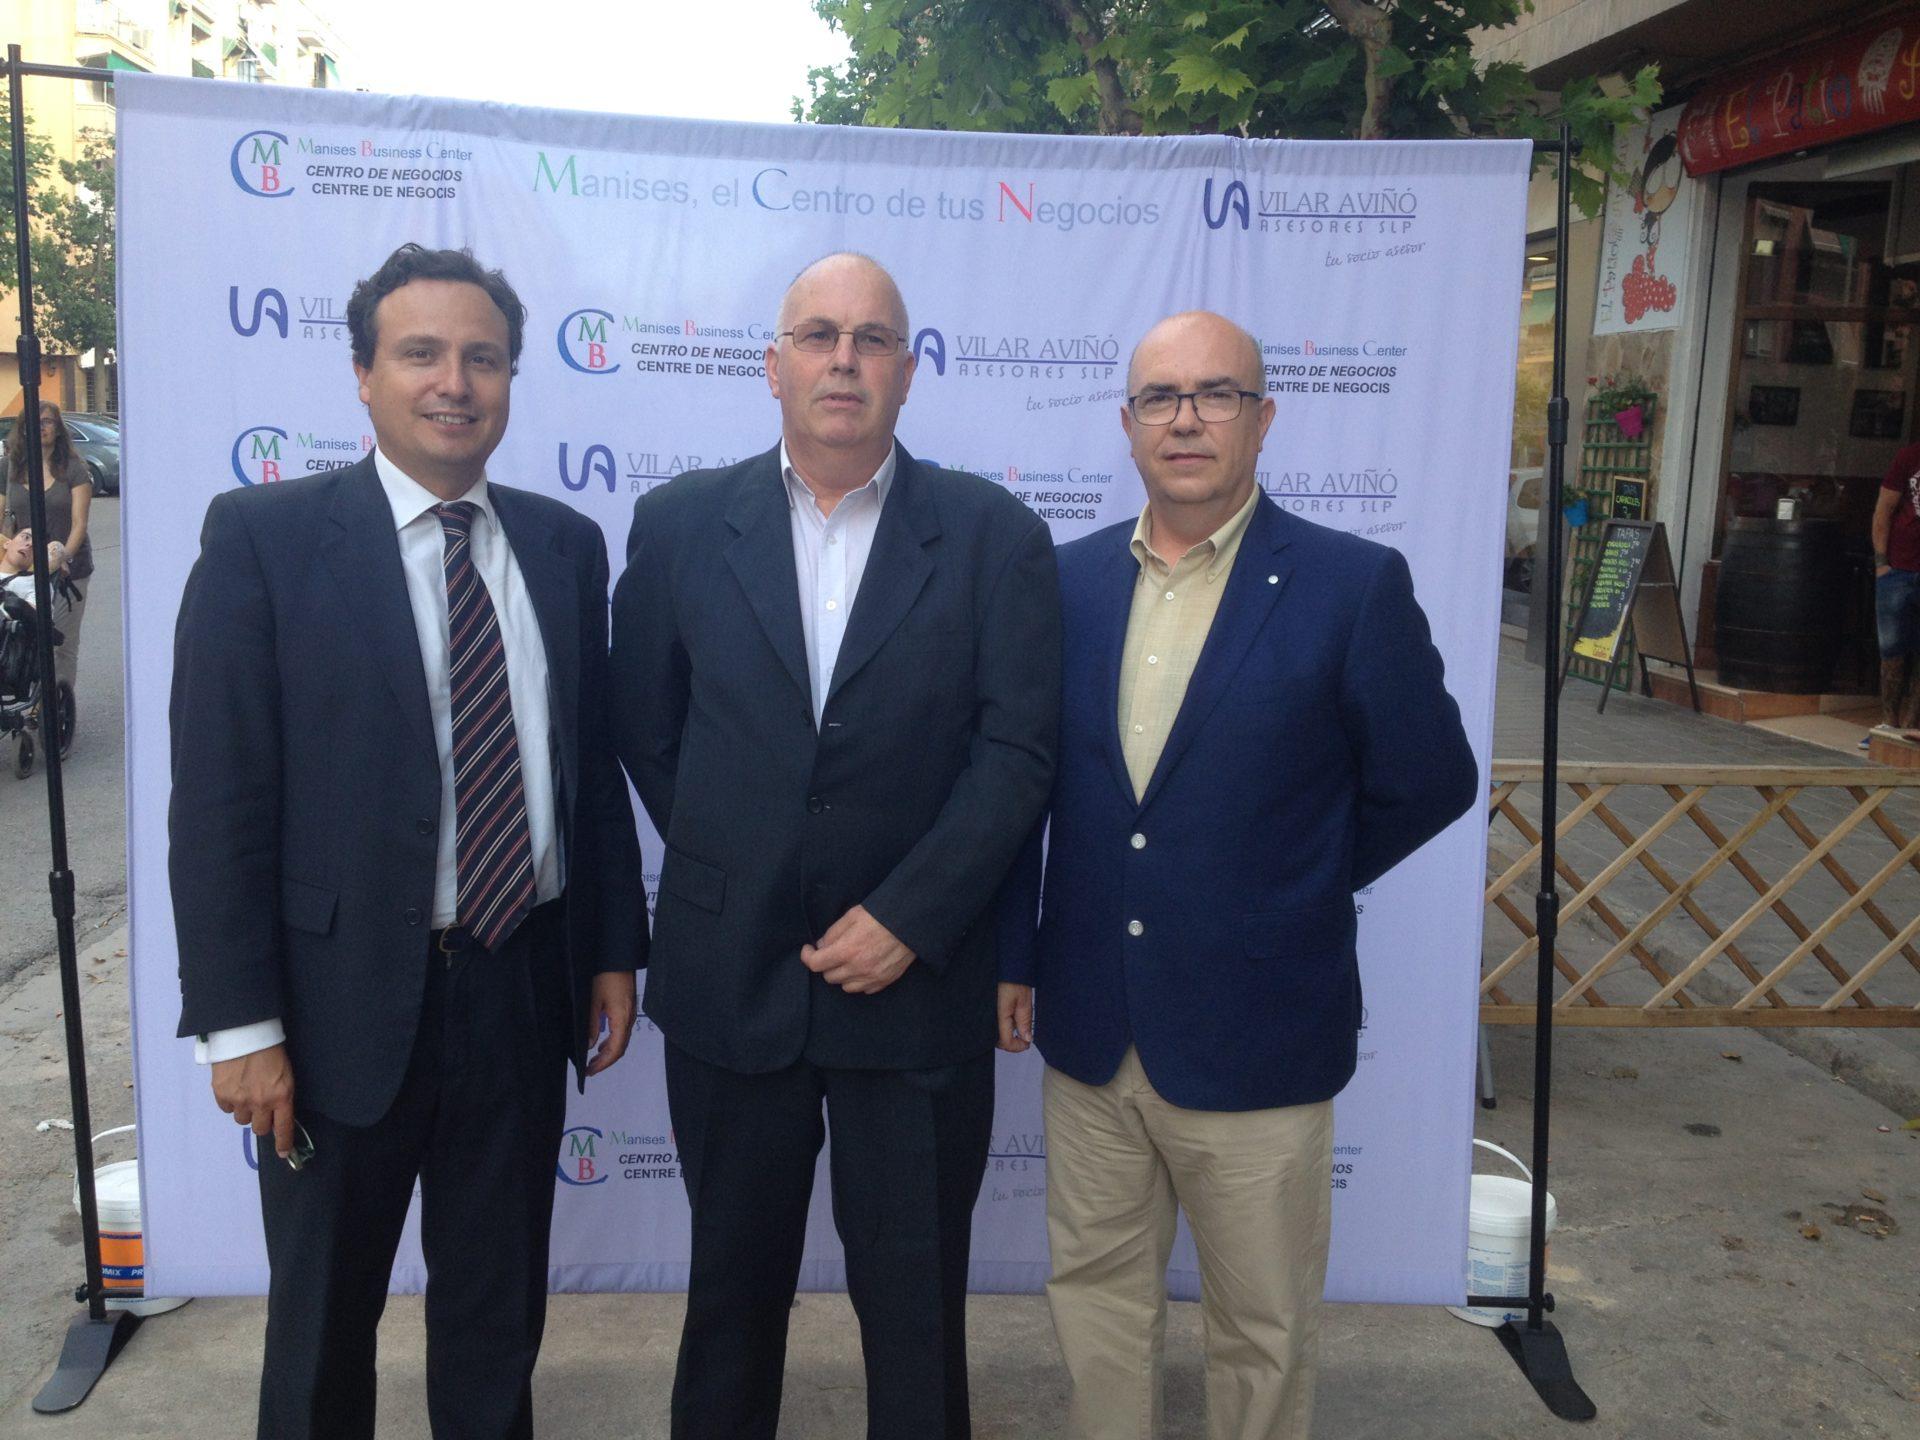 ASIMANISES: ponencia de Antonio Molina, Director de Seguridad de FEPEVAL